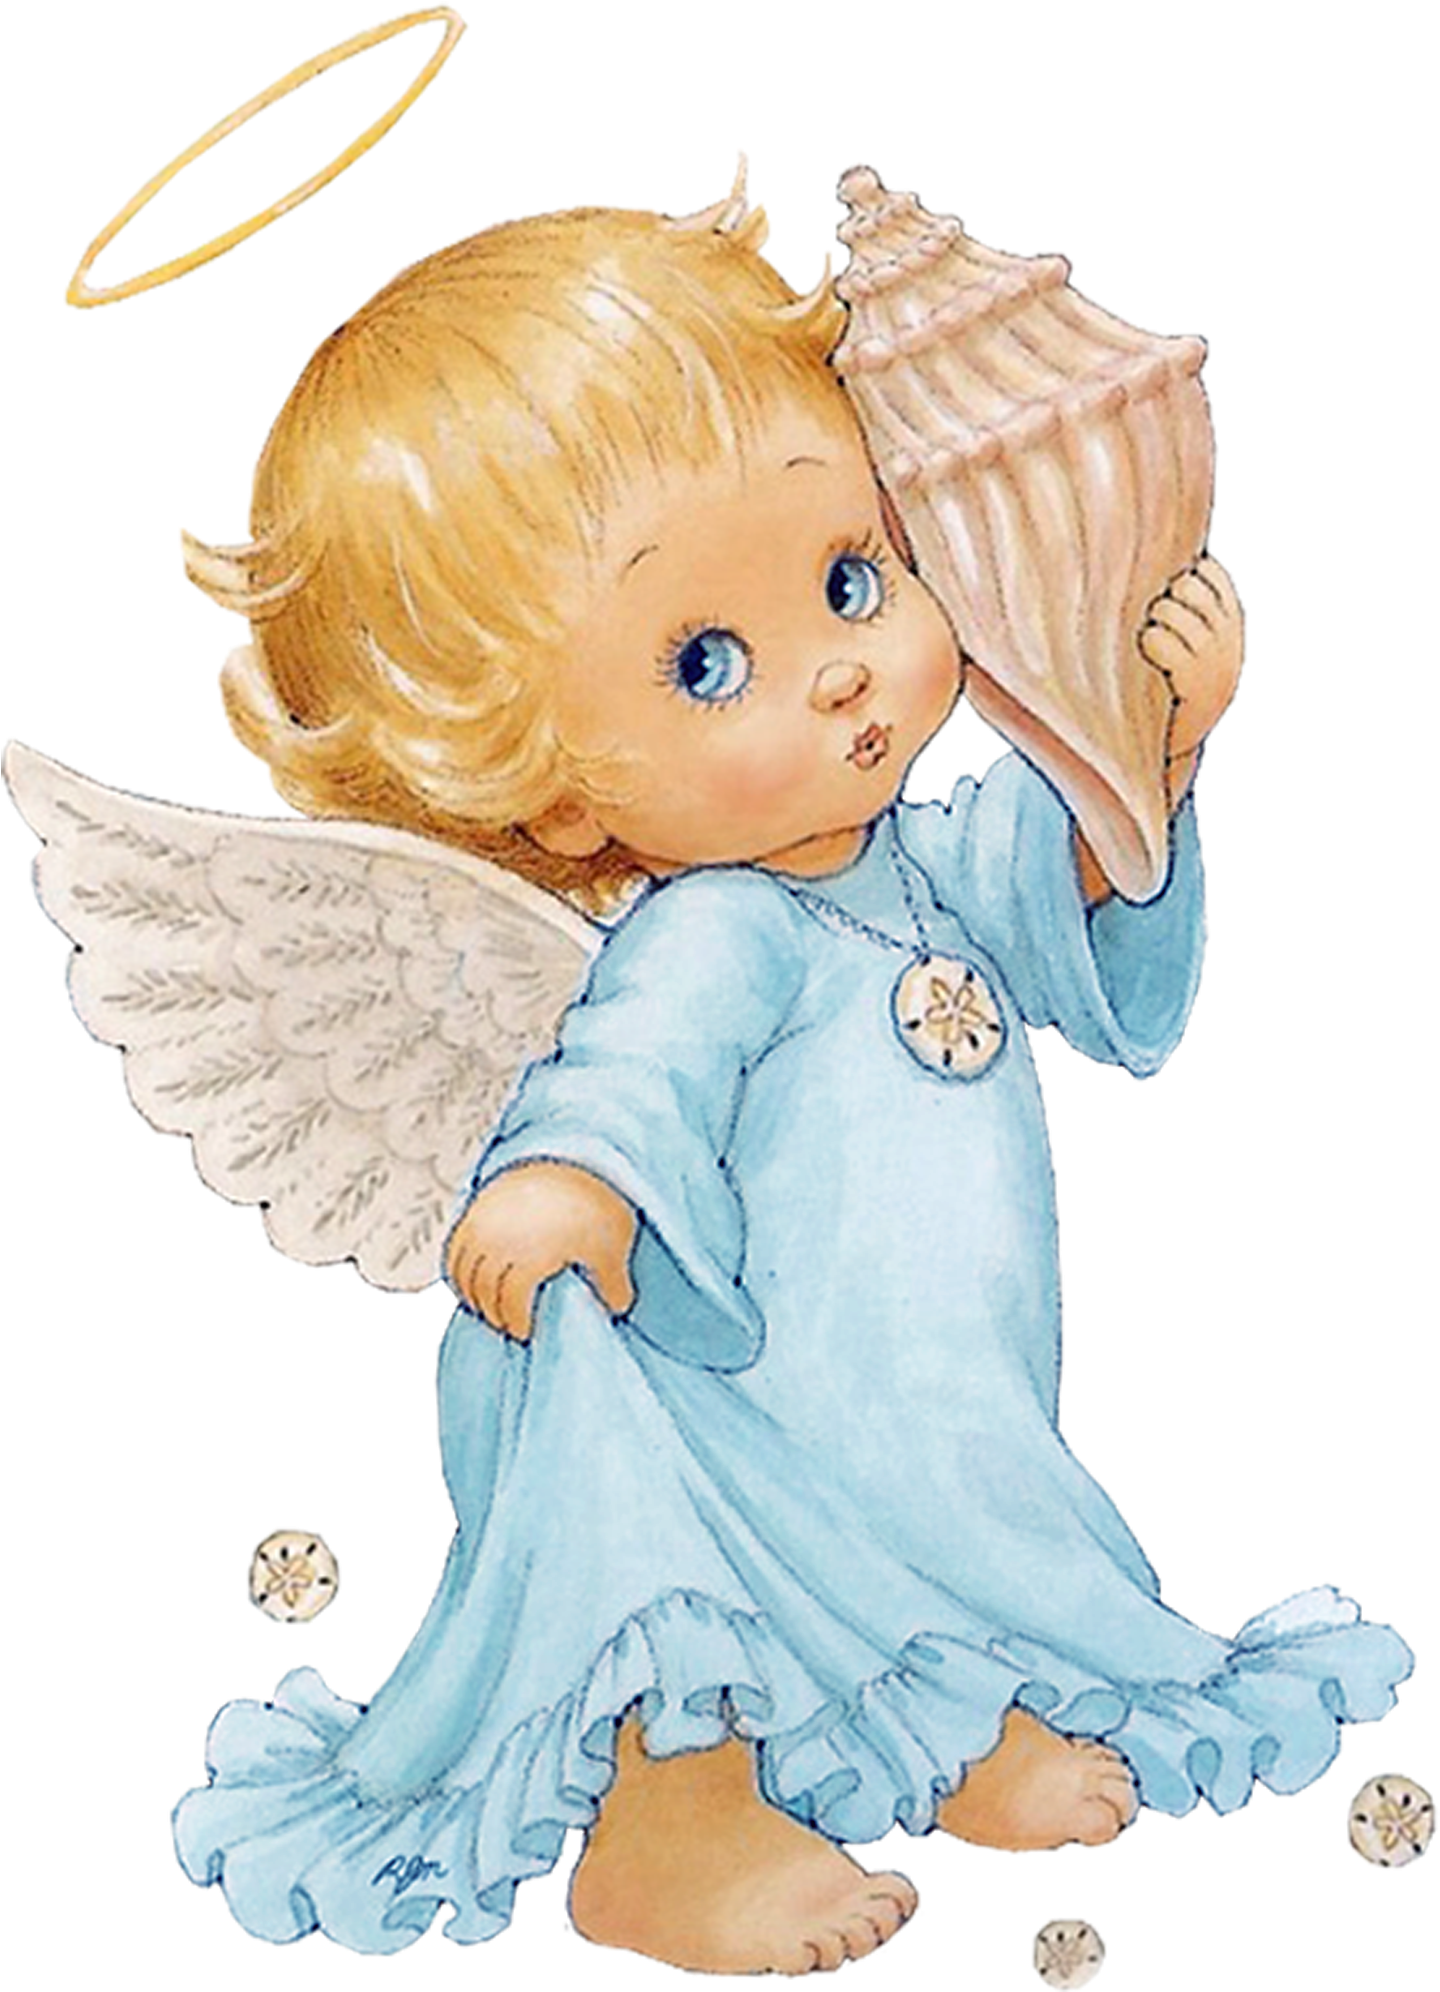 Ангелочки дети картинки с надписями, днем рождения для